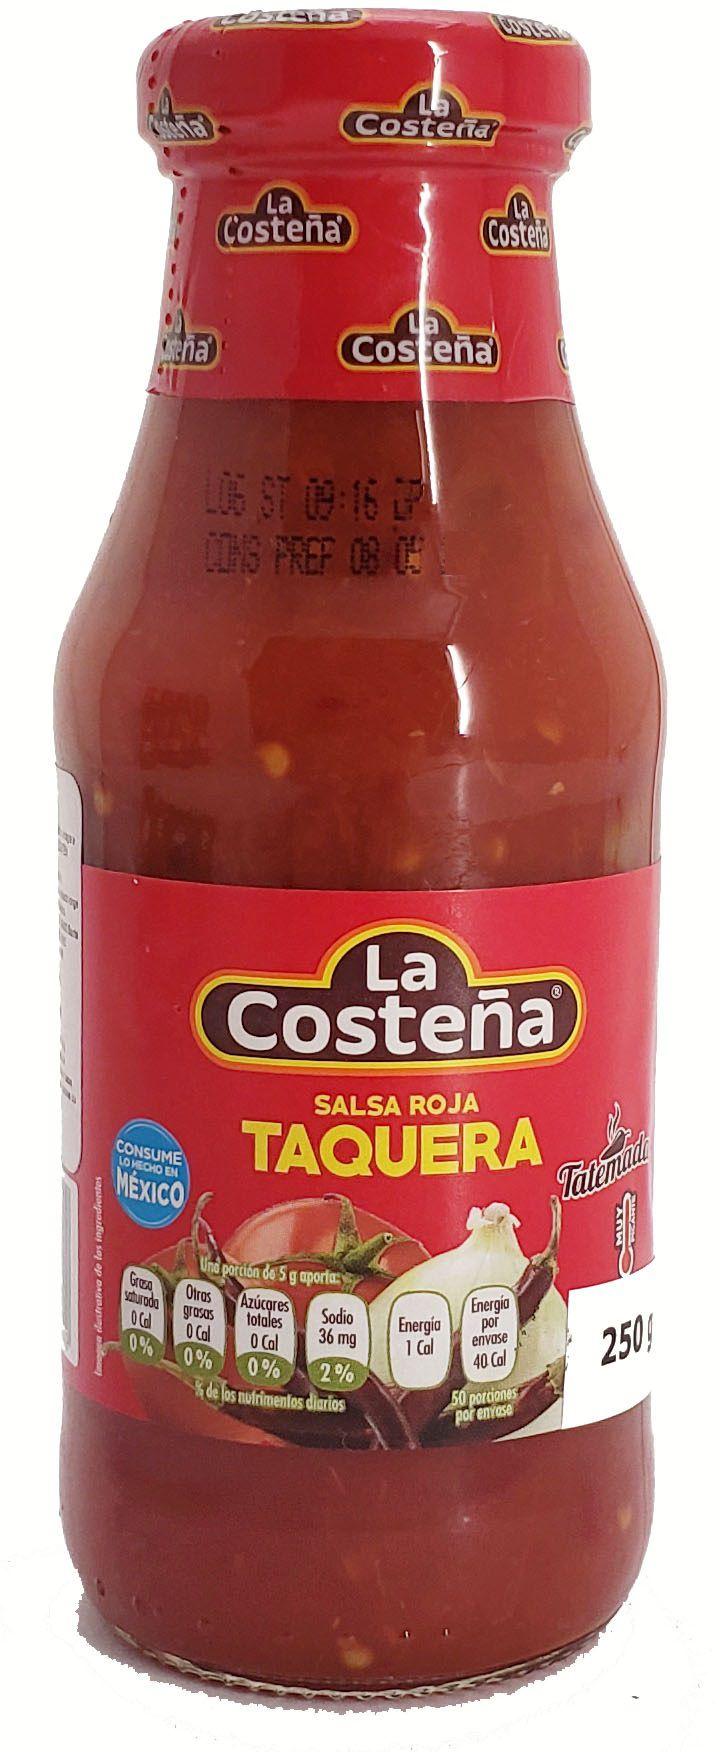 La Costena Salsa Taquera - 250g -